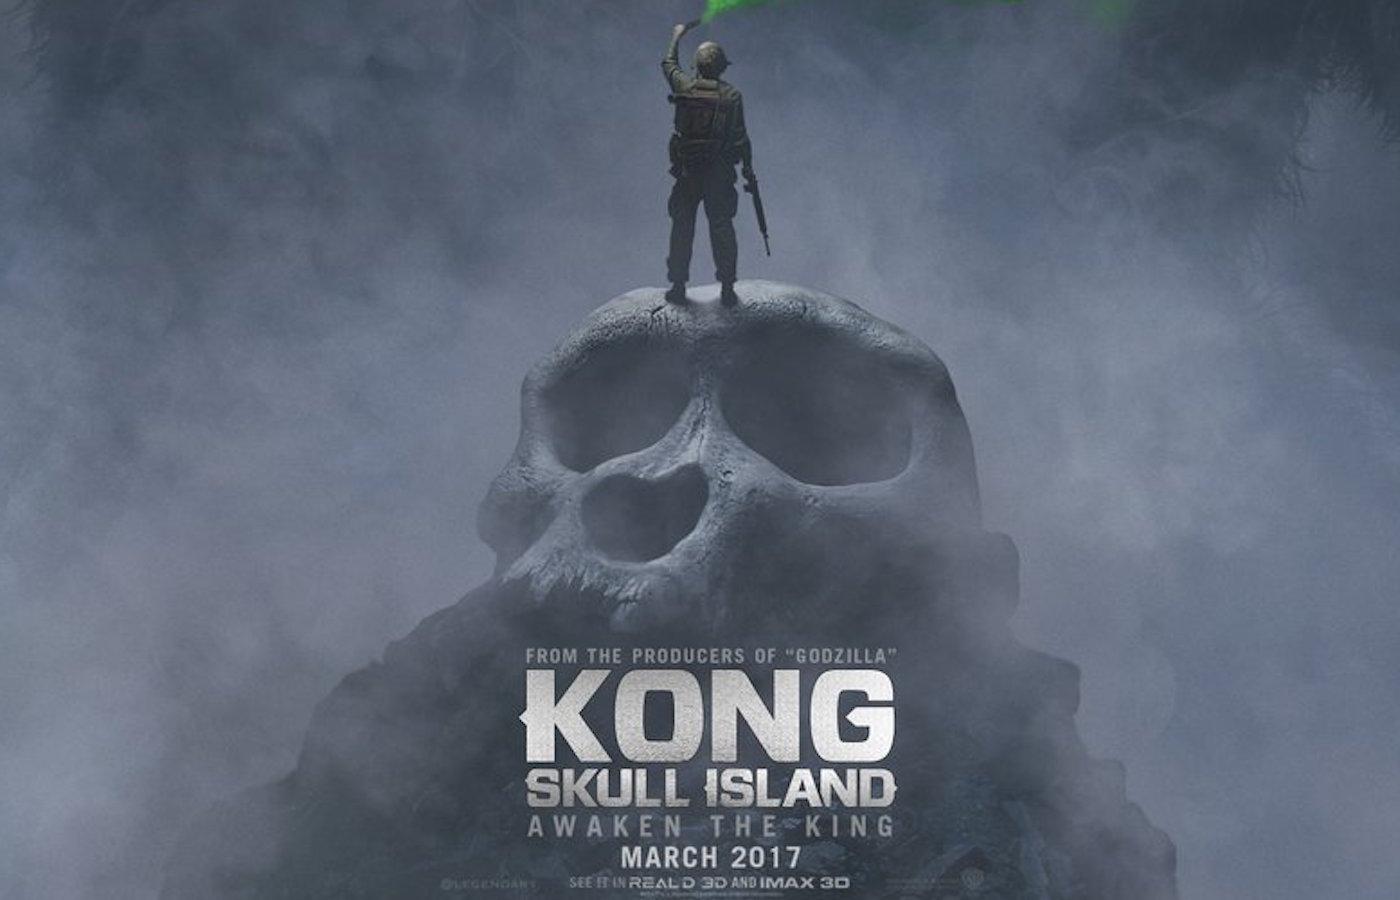 キングコング映画『コング:スカル・アイランド』のポスターが公開!